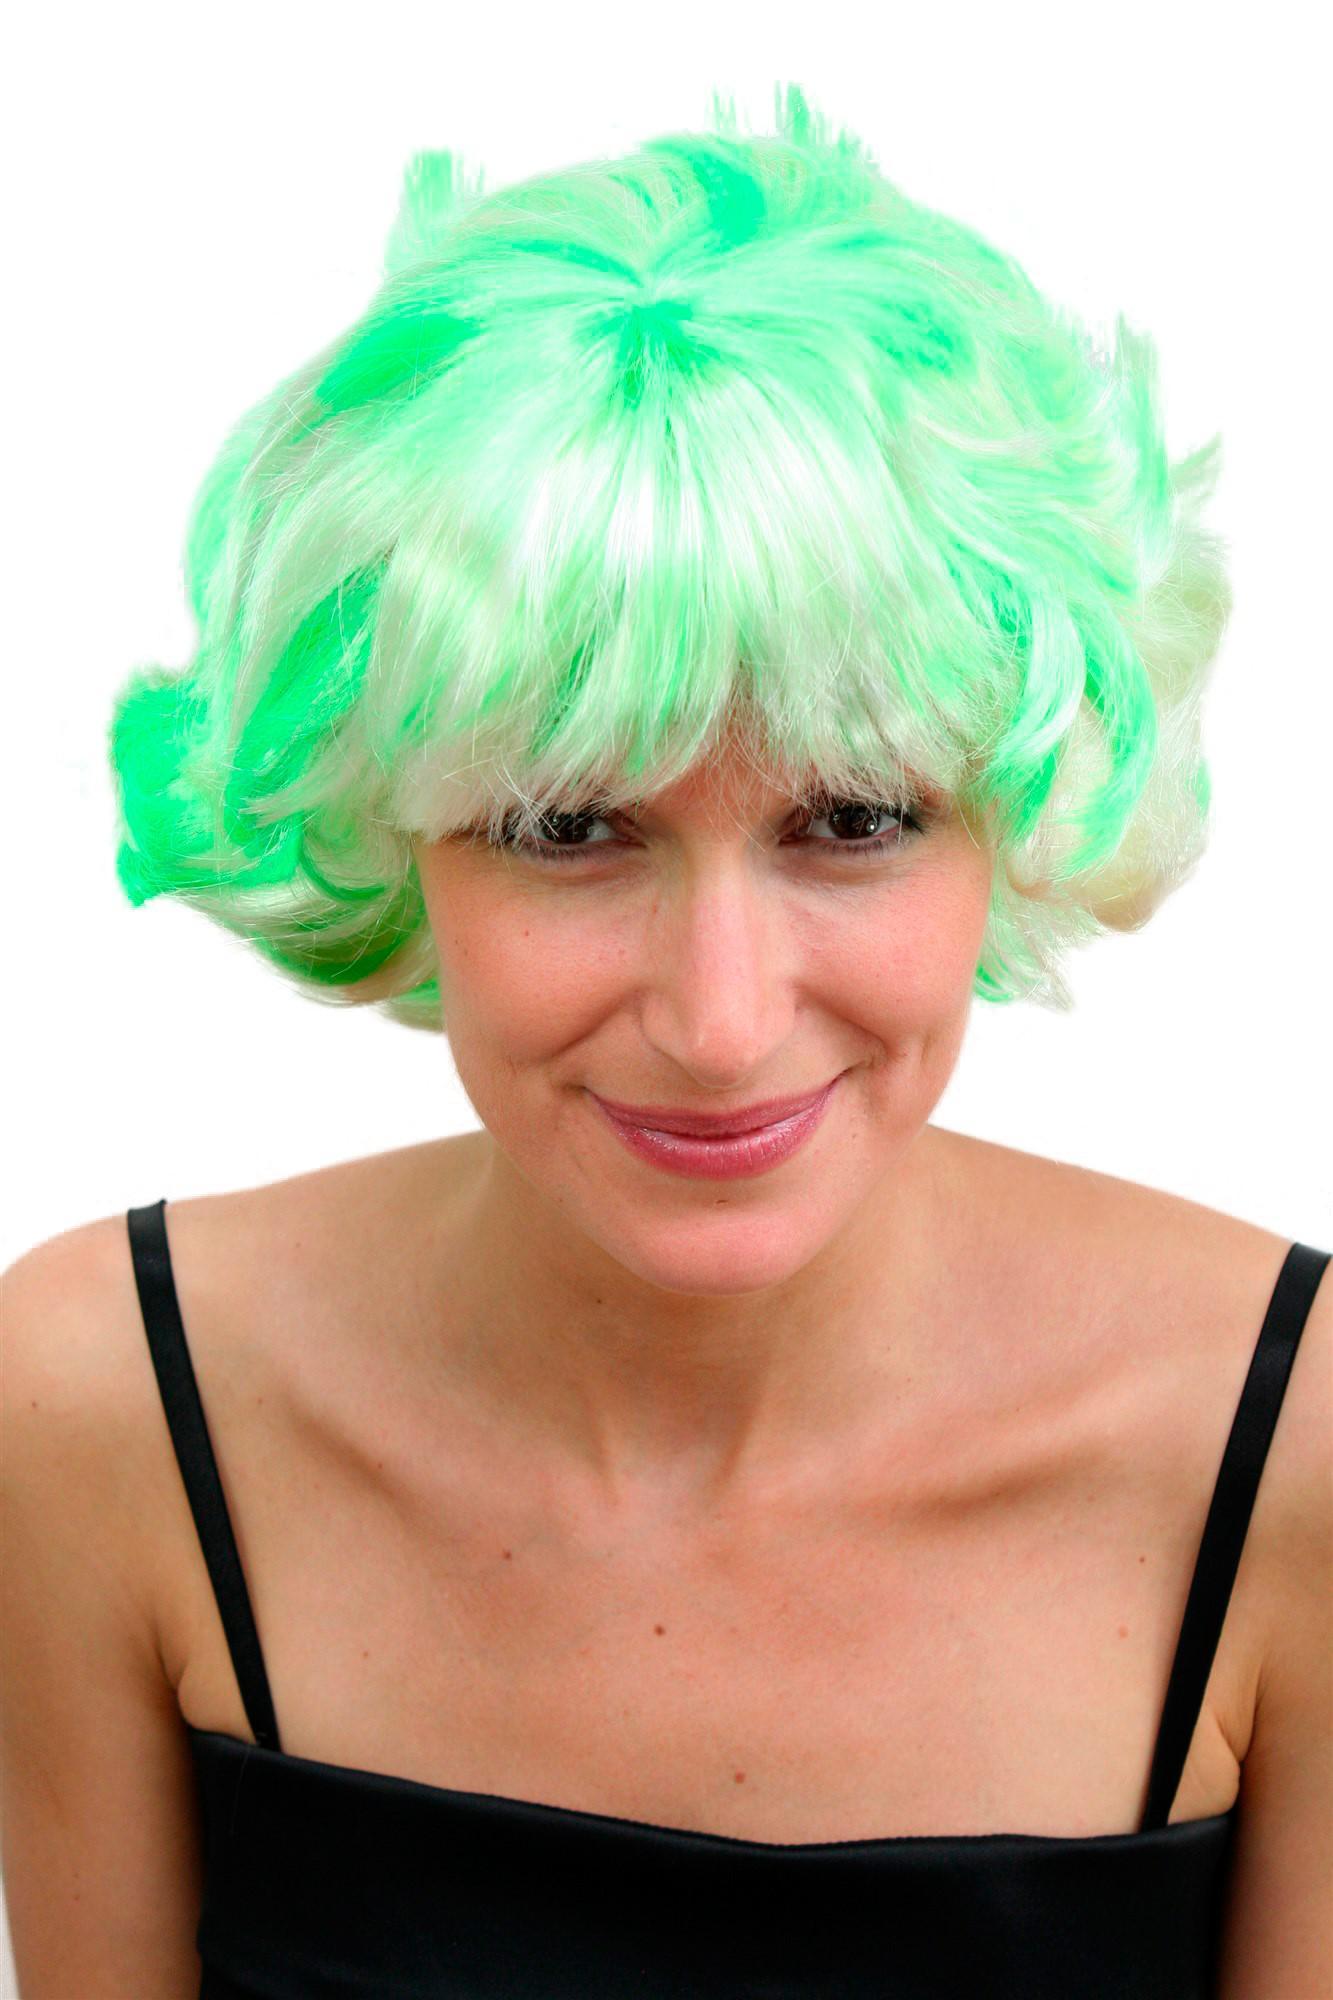 Perucke Fasching Knallig Neon Grun Blond Platin Bunt Kess Frech